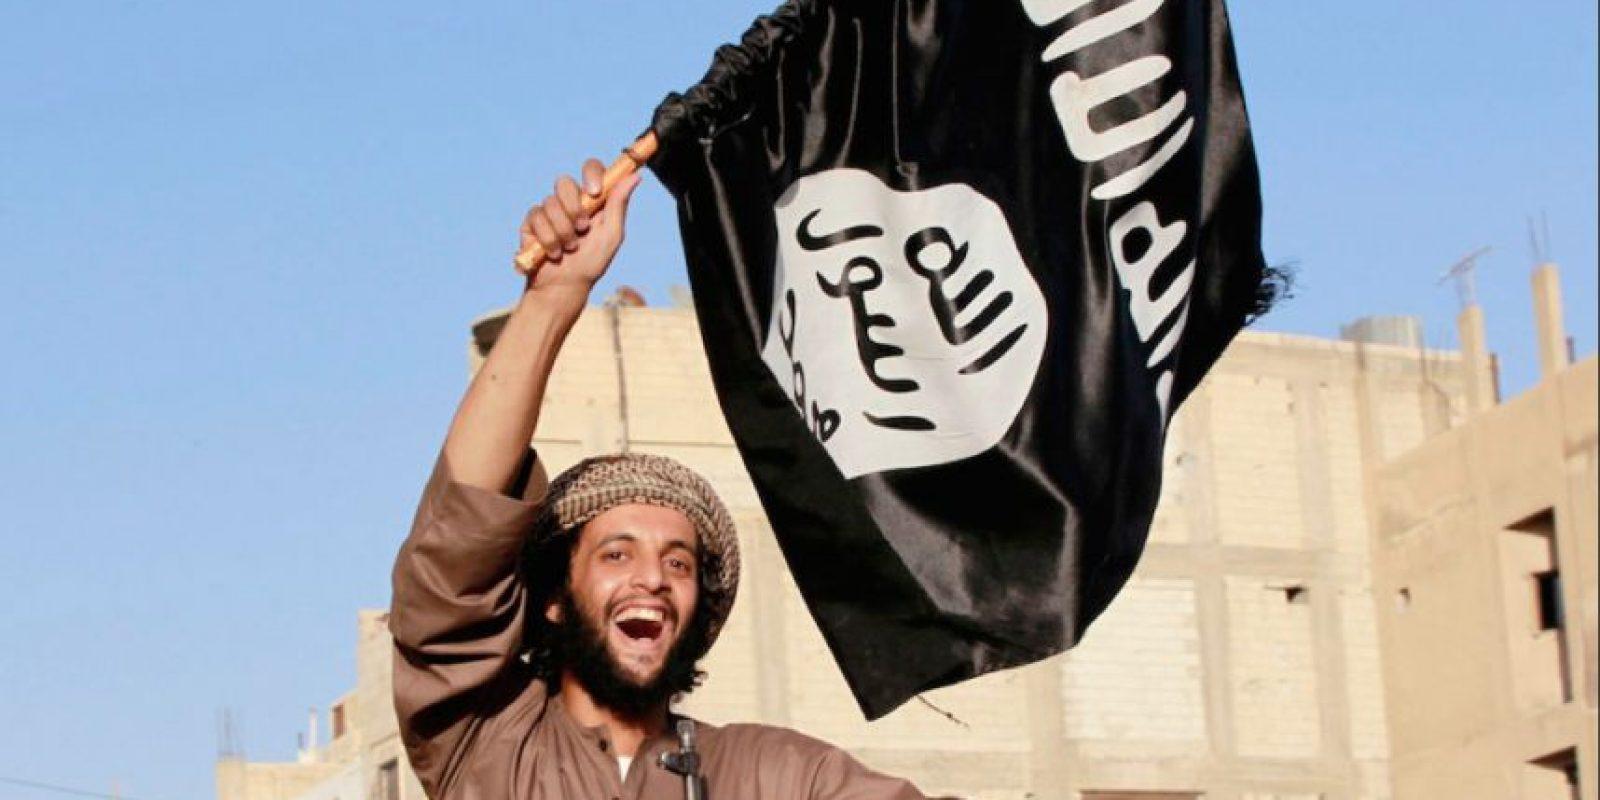 El grupo terrorista continúa dañando a las mujeres que retiene como esclavas. Foto:Vía Flickr.com